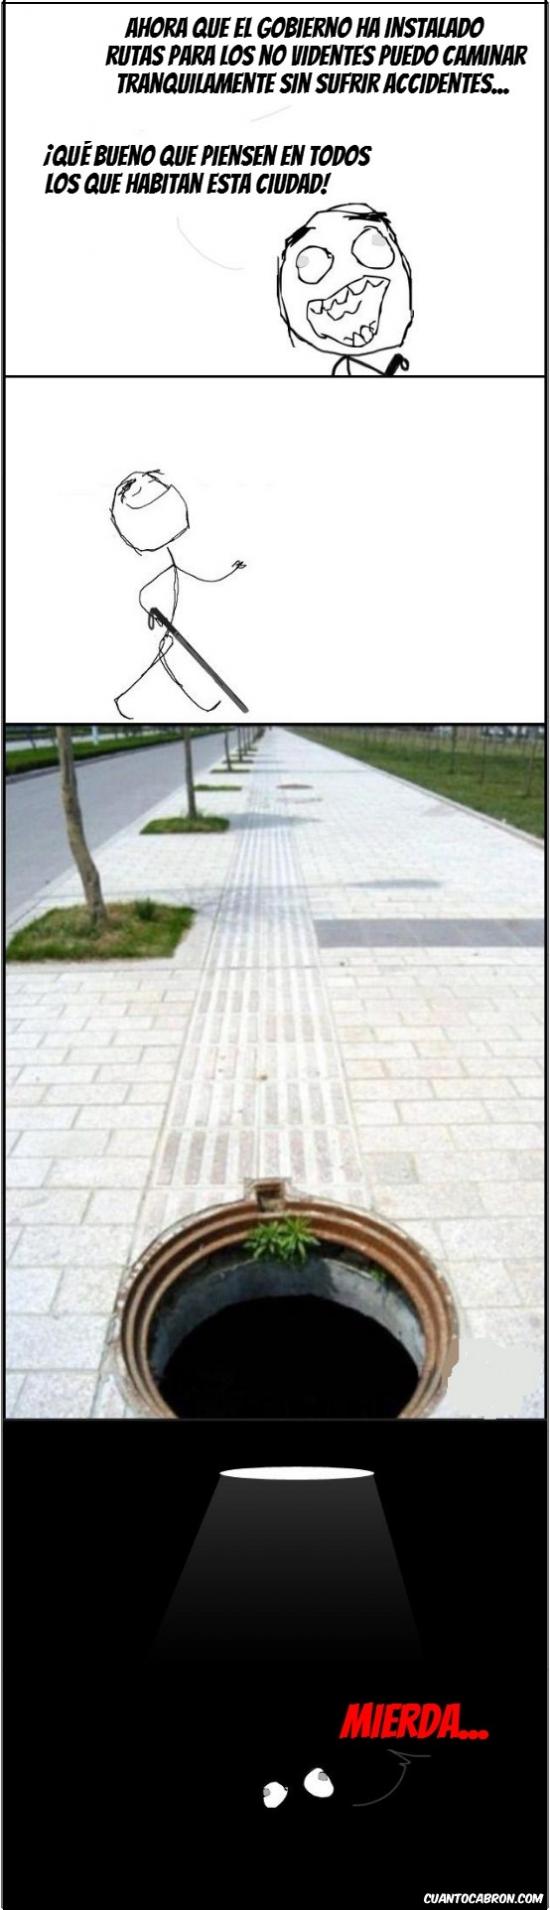 Retarded - Nuevas rutas de orientación para ciegos